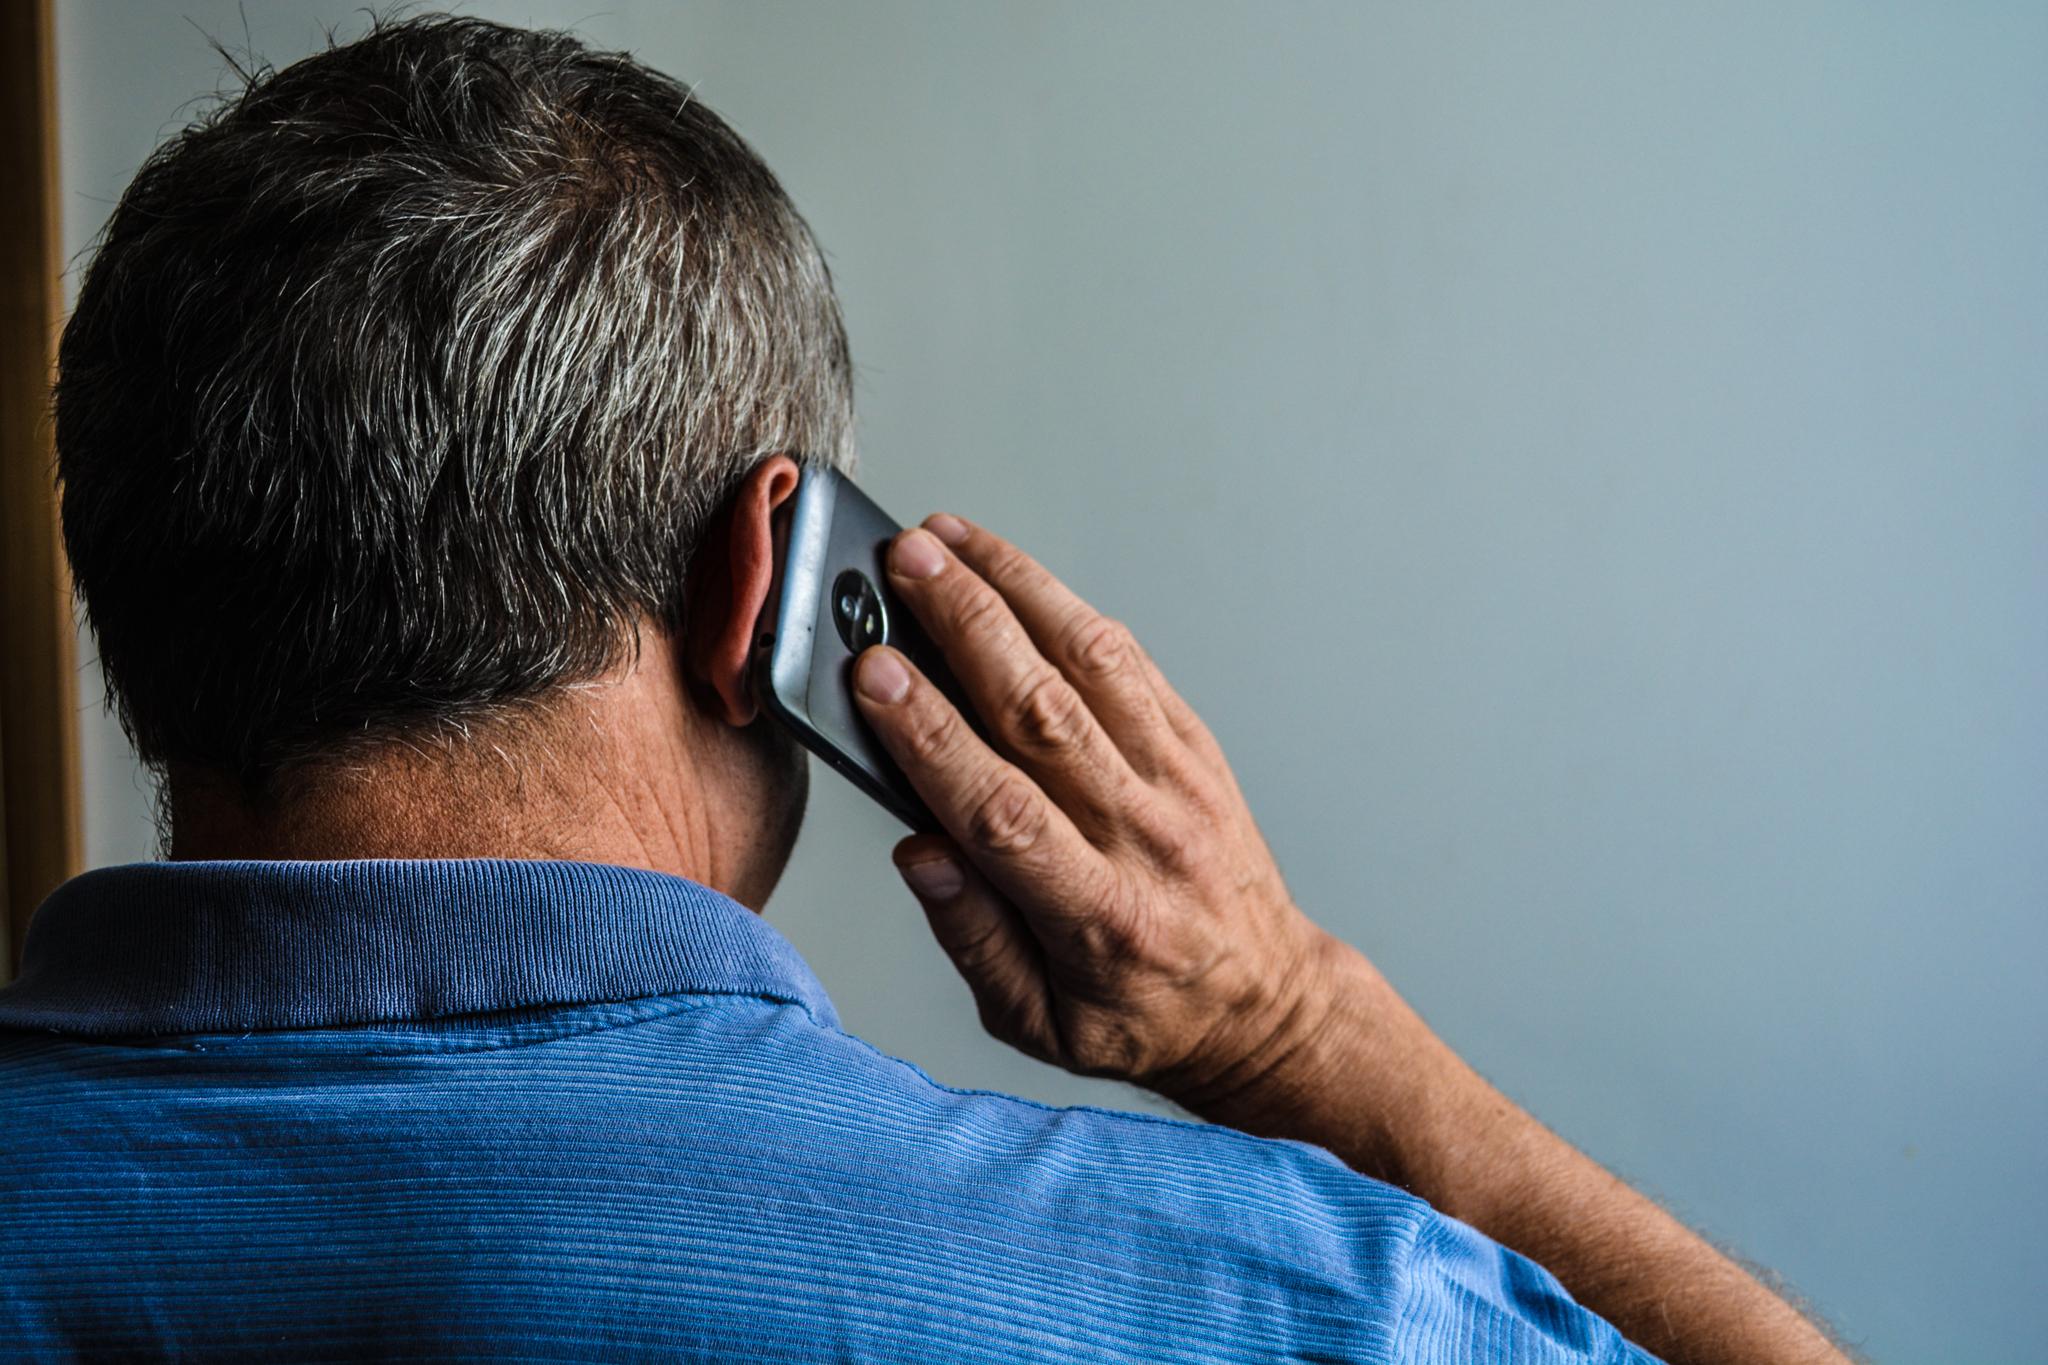 ÁUDIO: Peperi flagra tentativa de golpe por telefone